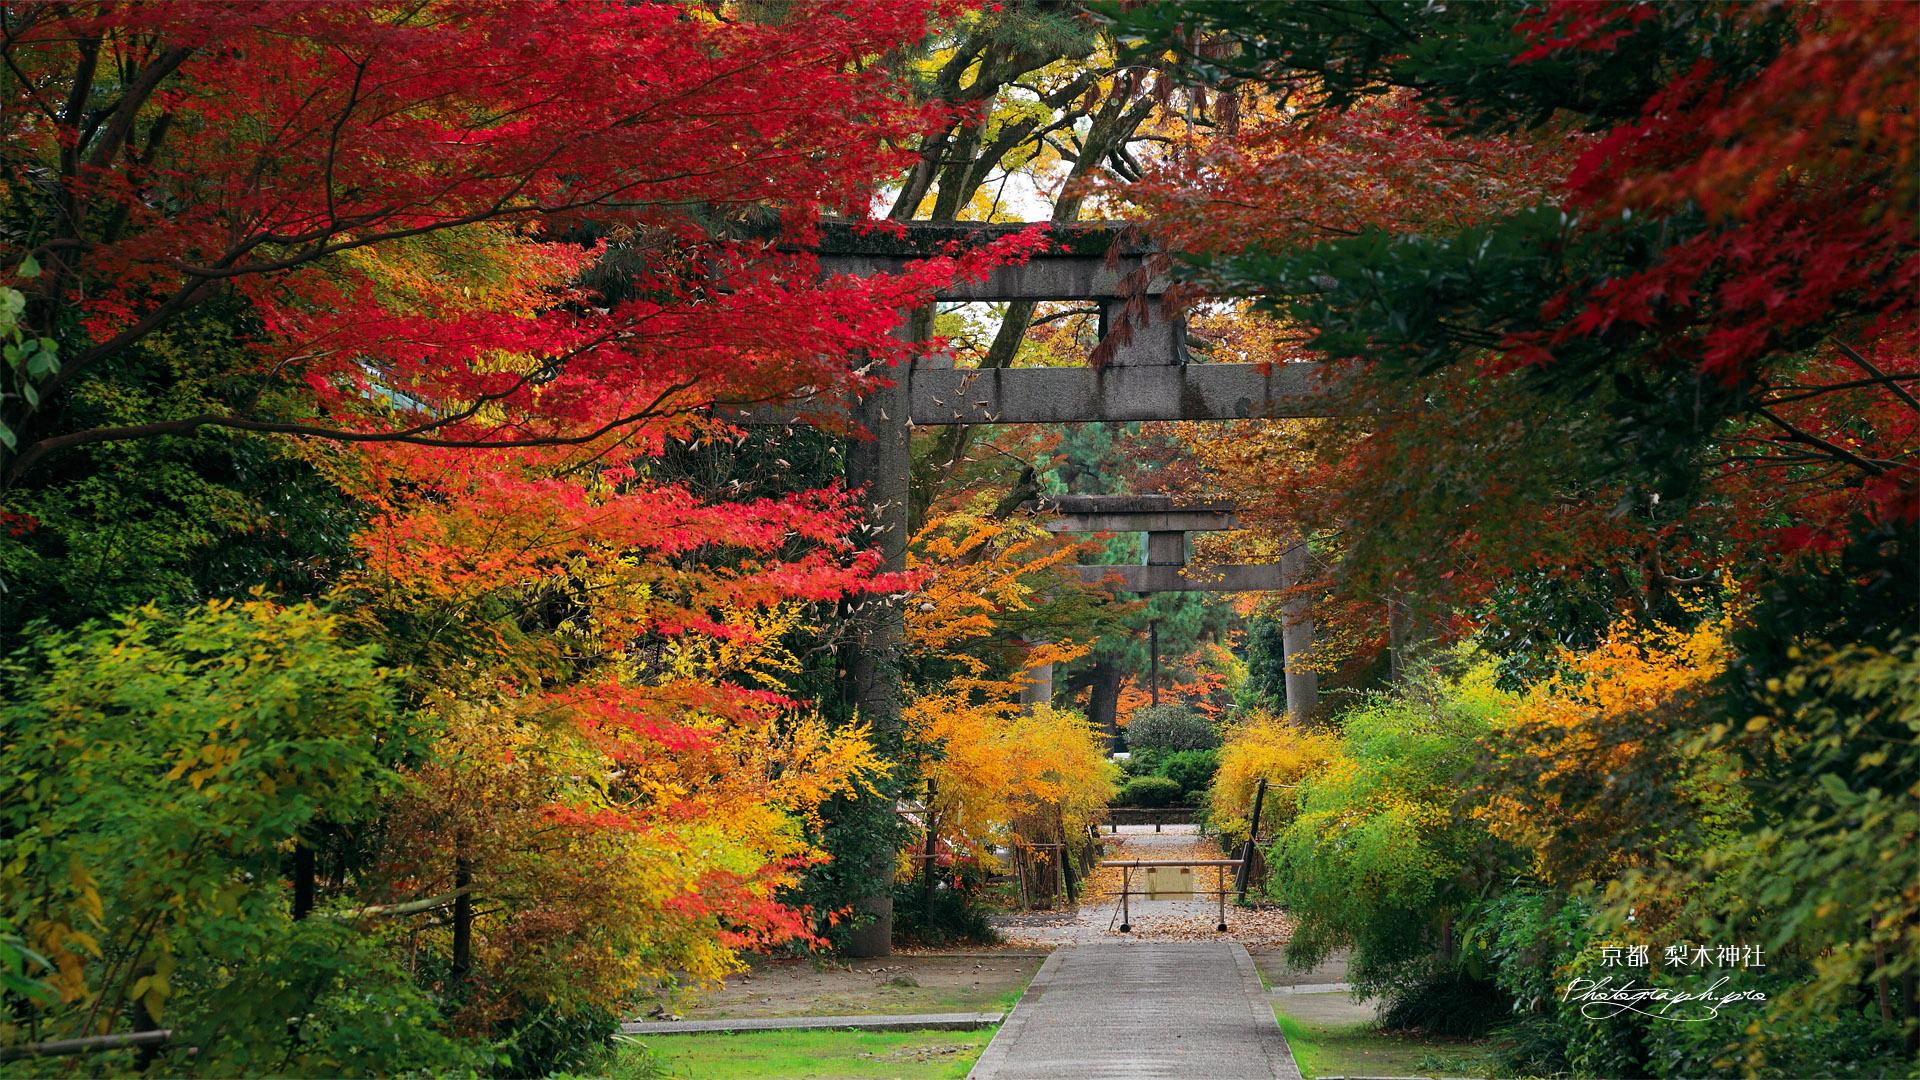 梨木神社 紅葉の参道 の壁紙 19x1080